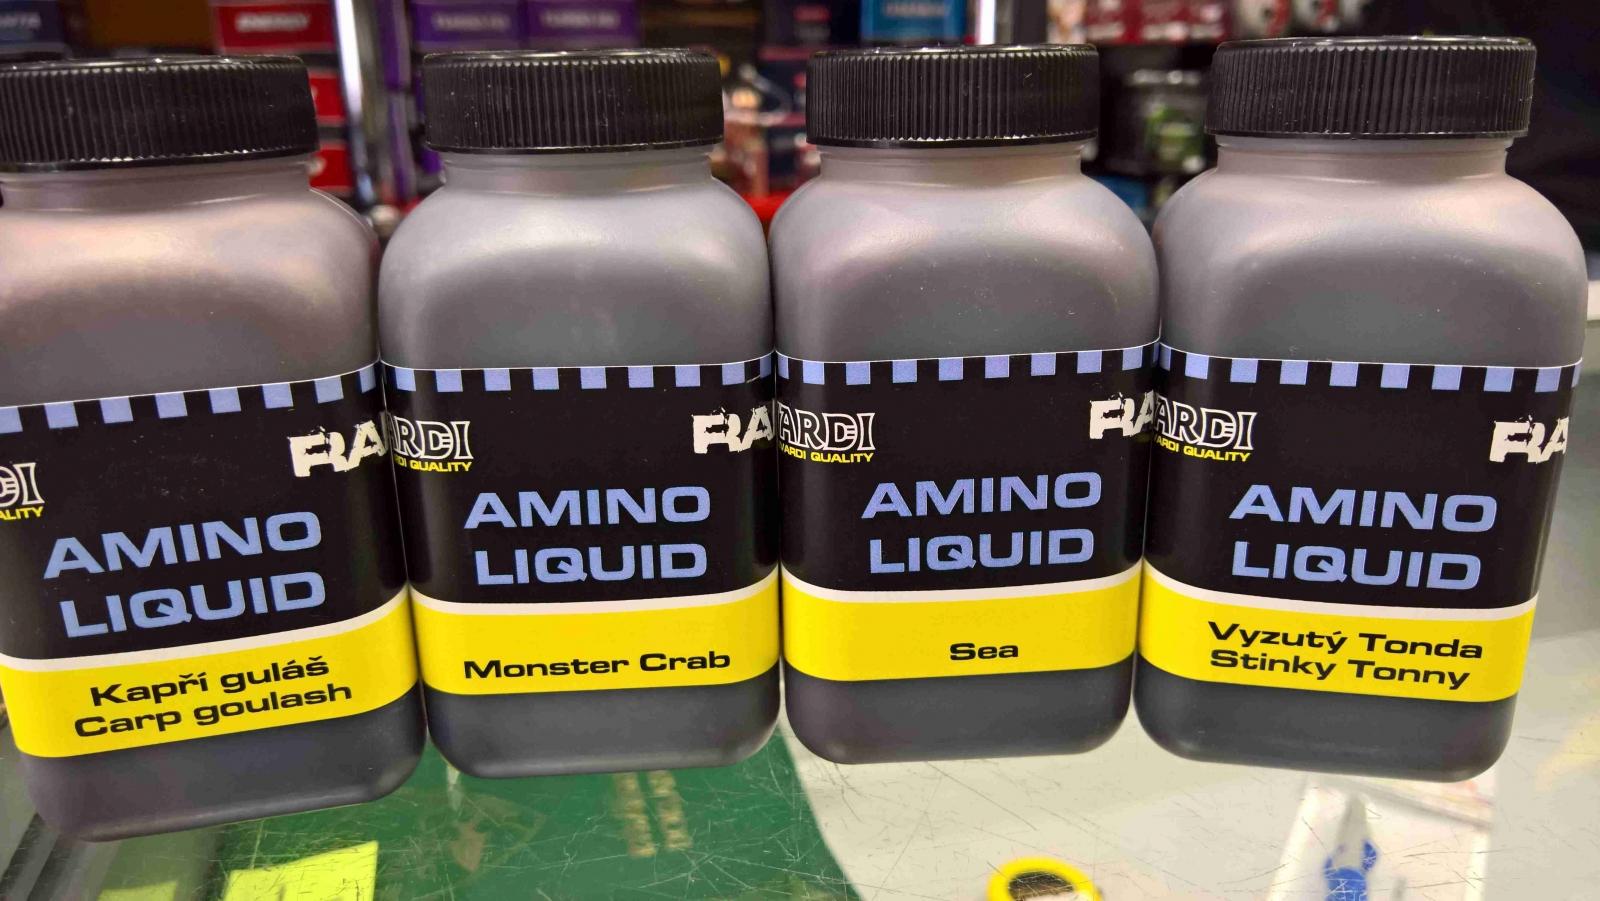 Aminoliquid Mivardi Crazy Liver 250 ml